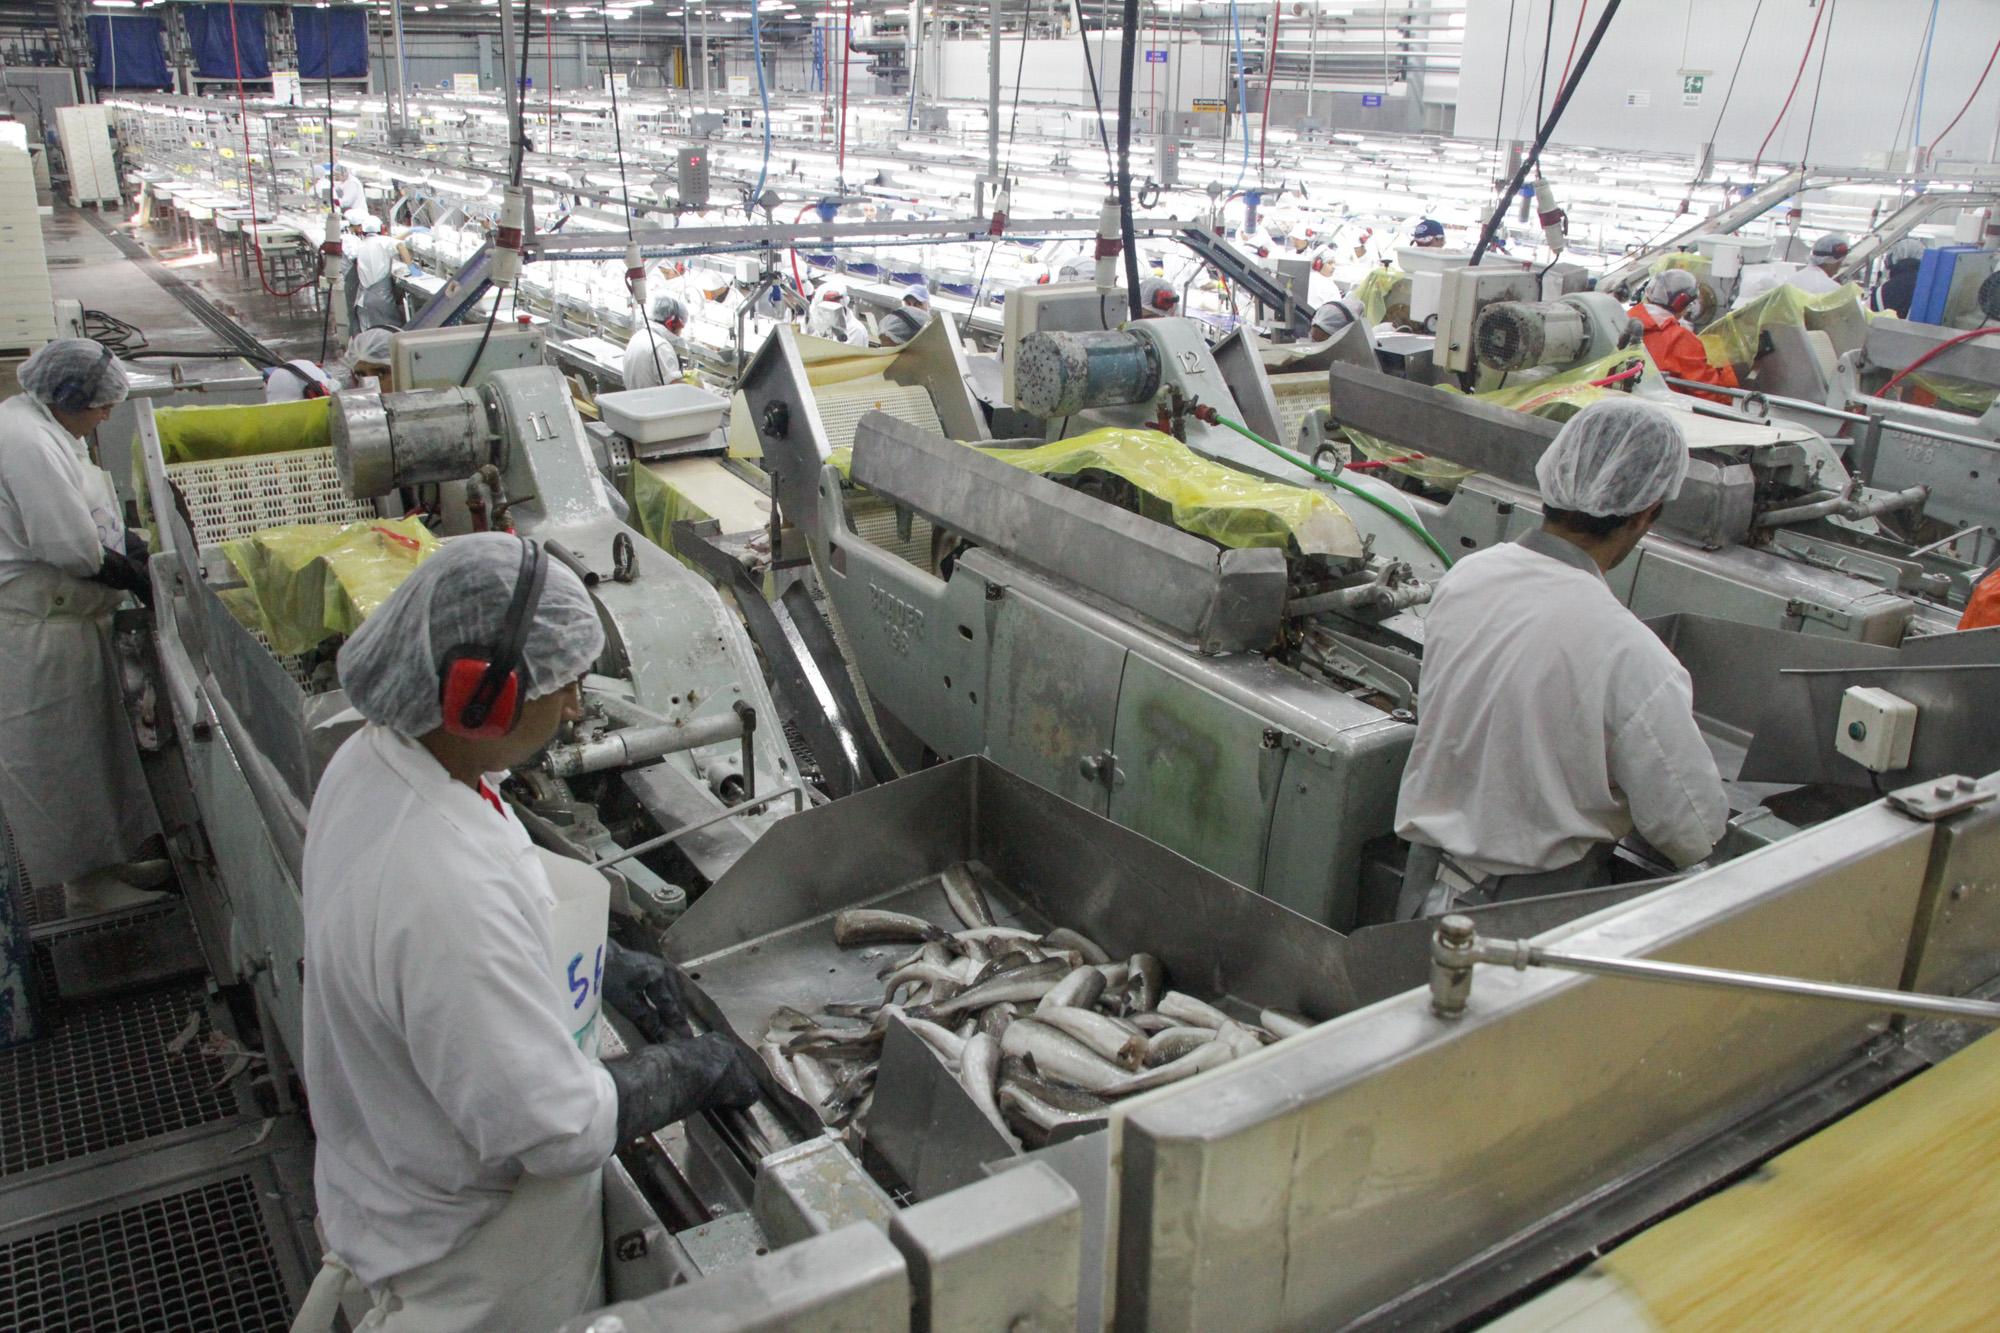 Rusia: Estado de situación establecimientos pesqueros argentinos